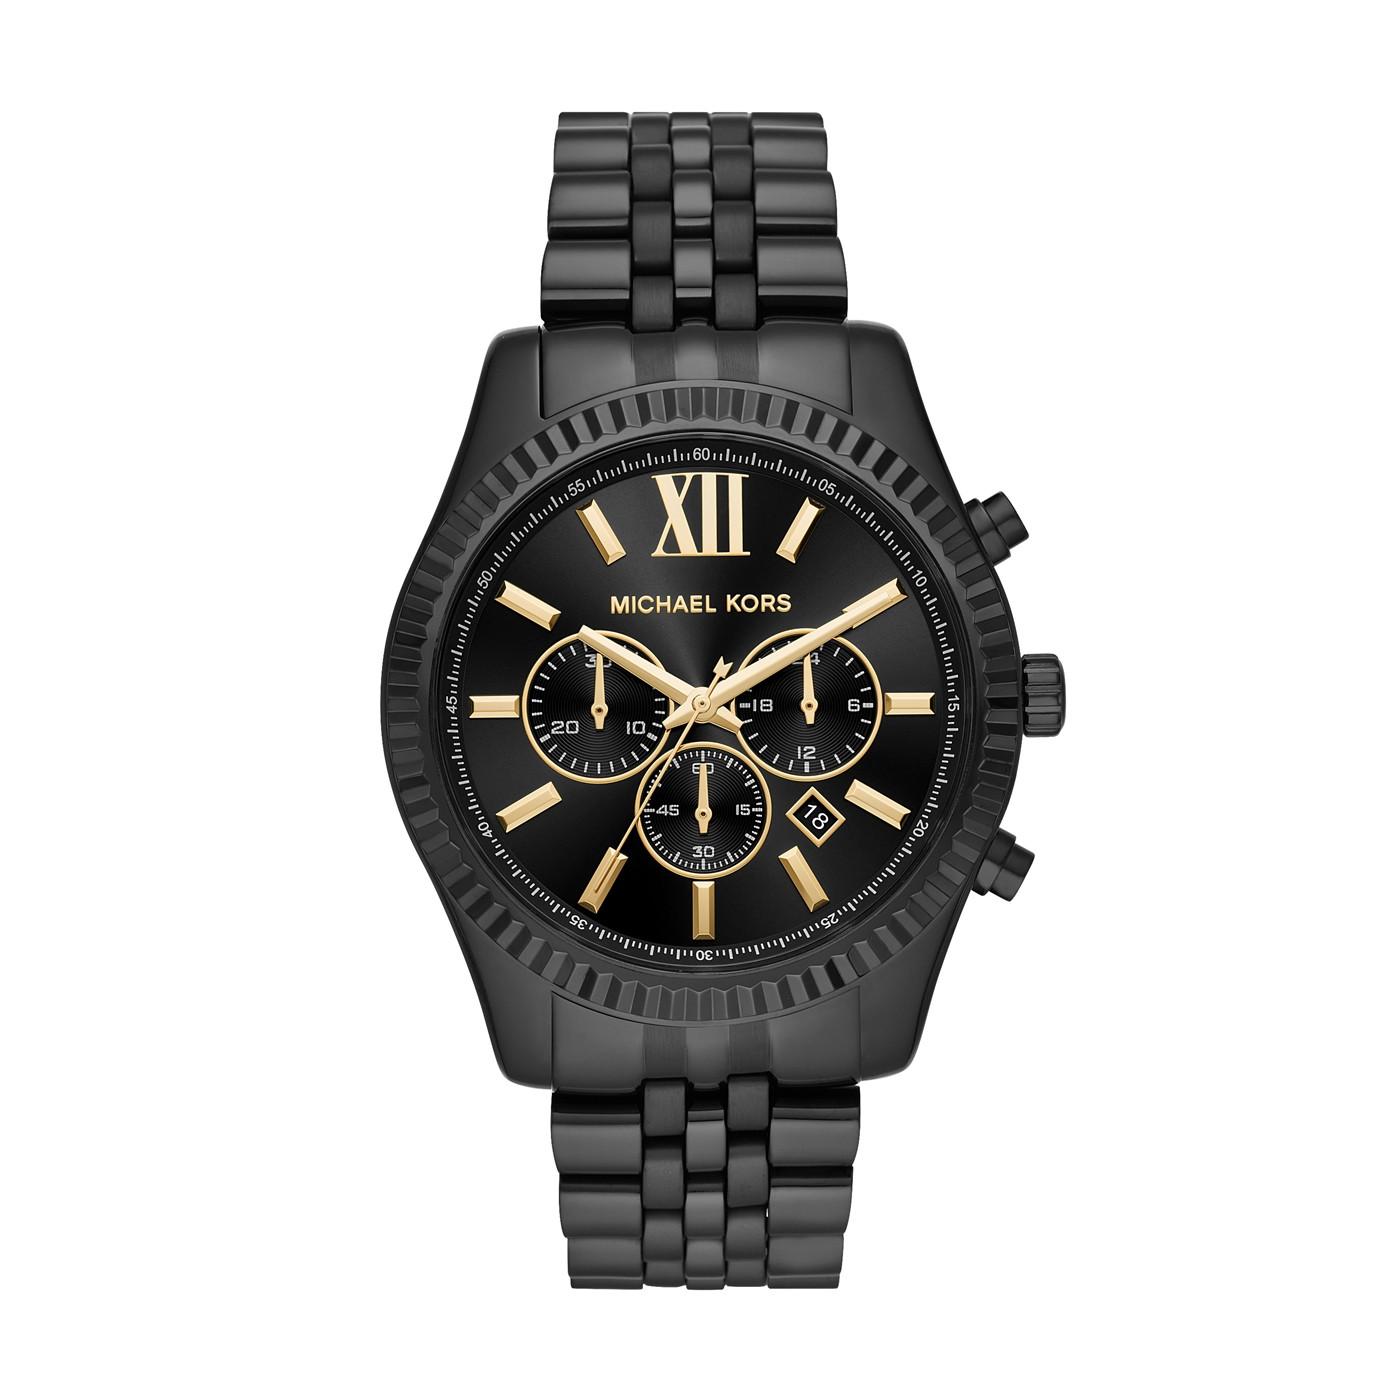 Michael Kors MK8603 horloge